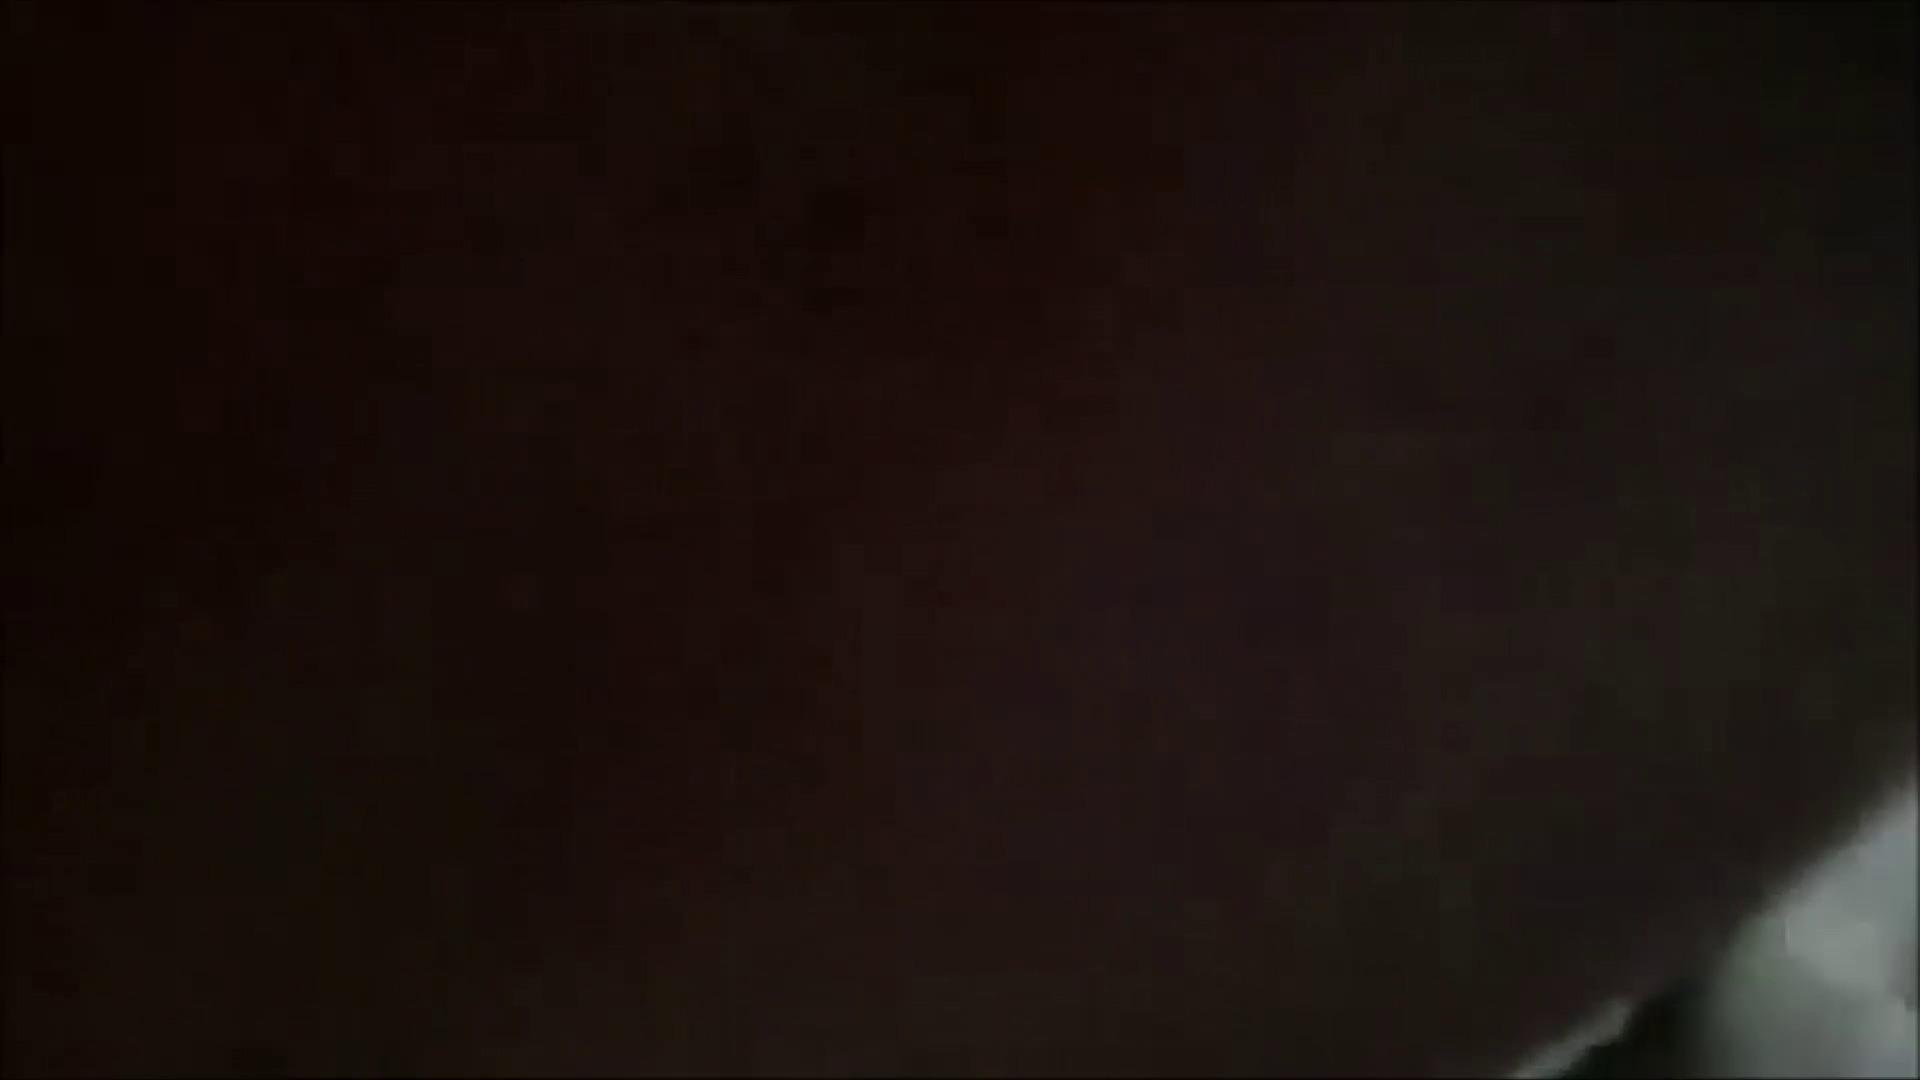 巨根 オナニー塾Vol.13 野外露出 ゲイ素人エロ画像 102枚 1